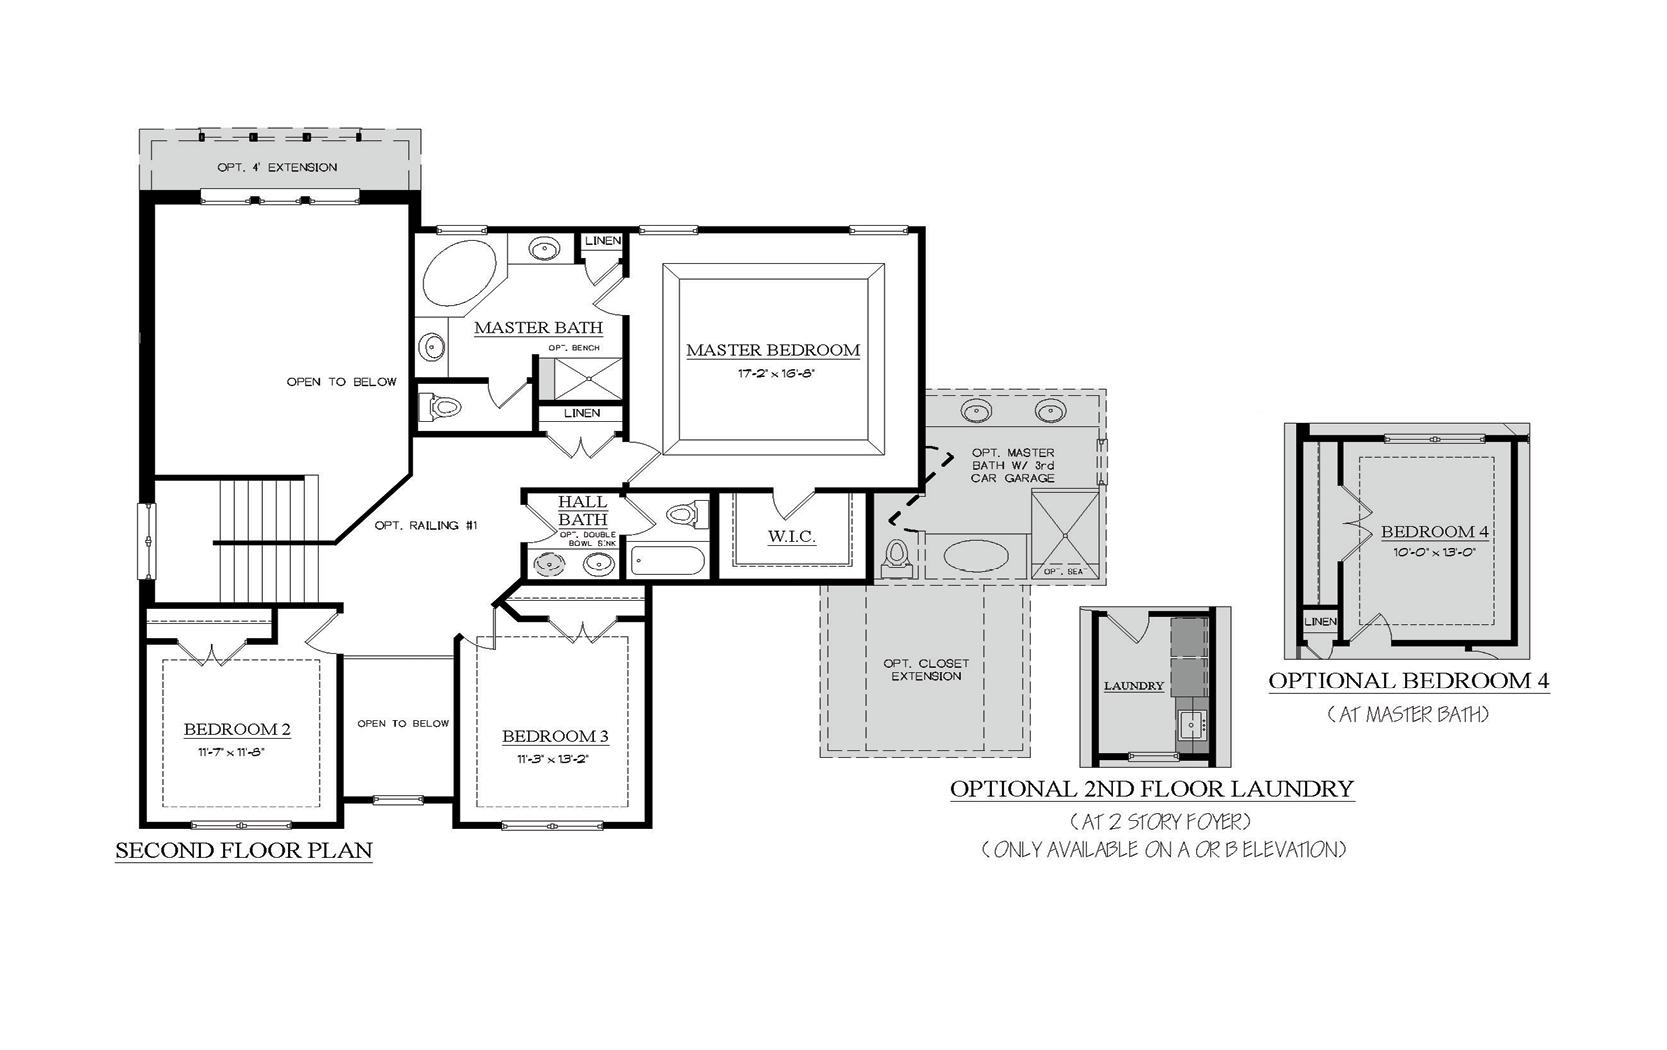 Keystone homes floor plans keystone homes floor plans 28 for Keystone homes floor plans